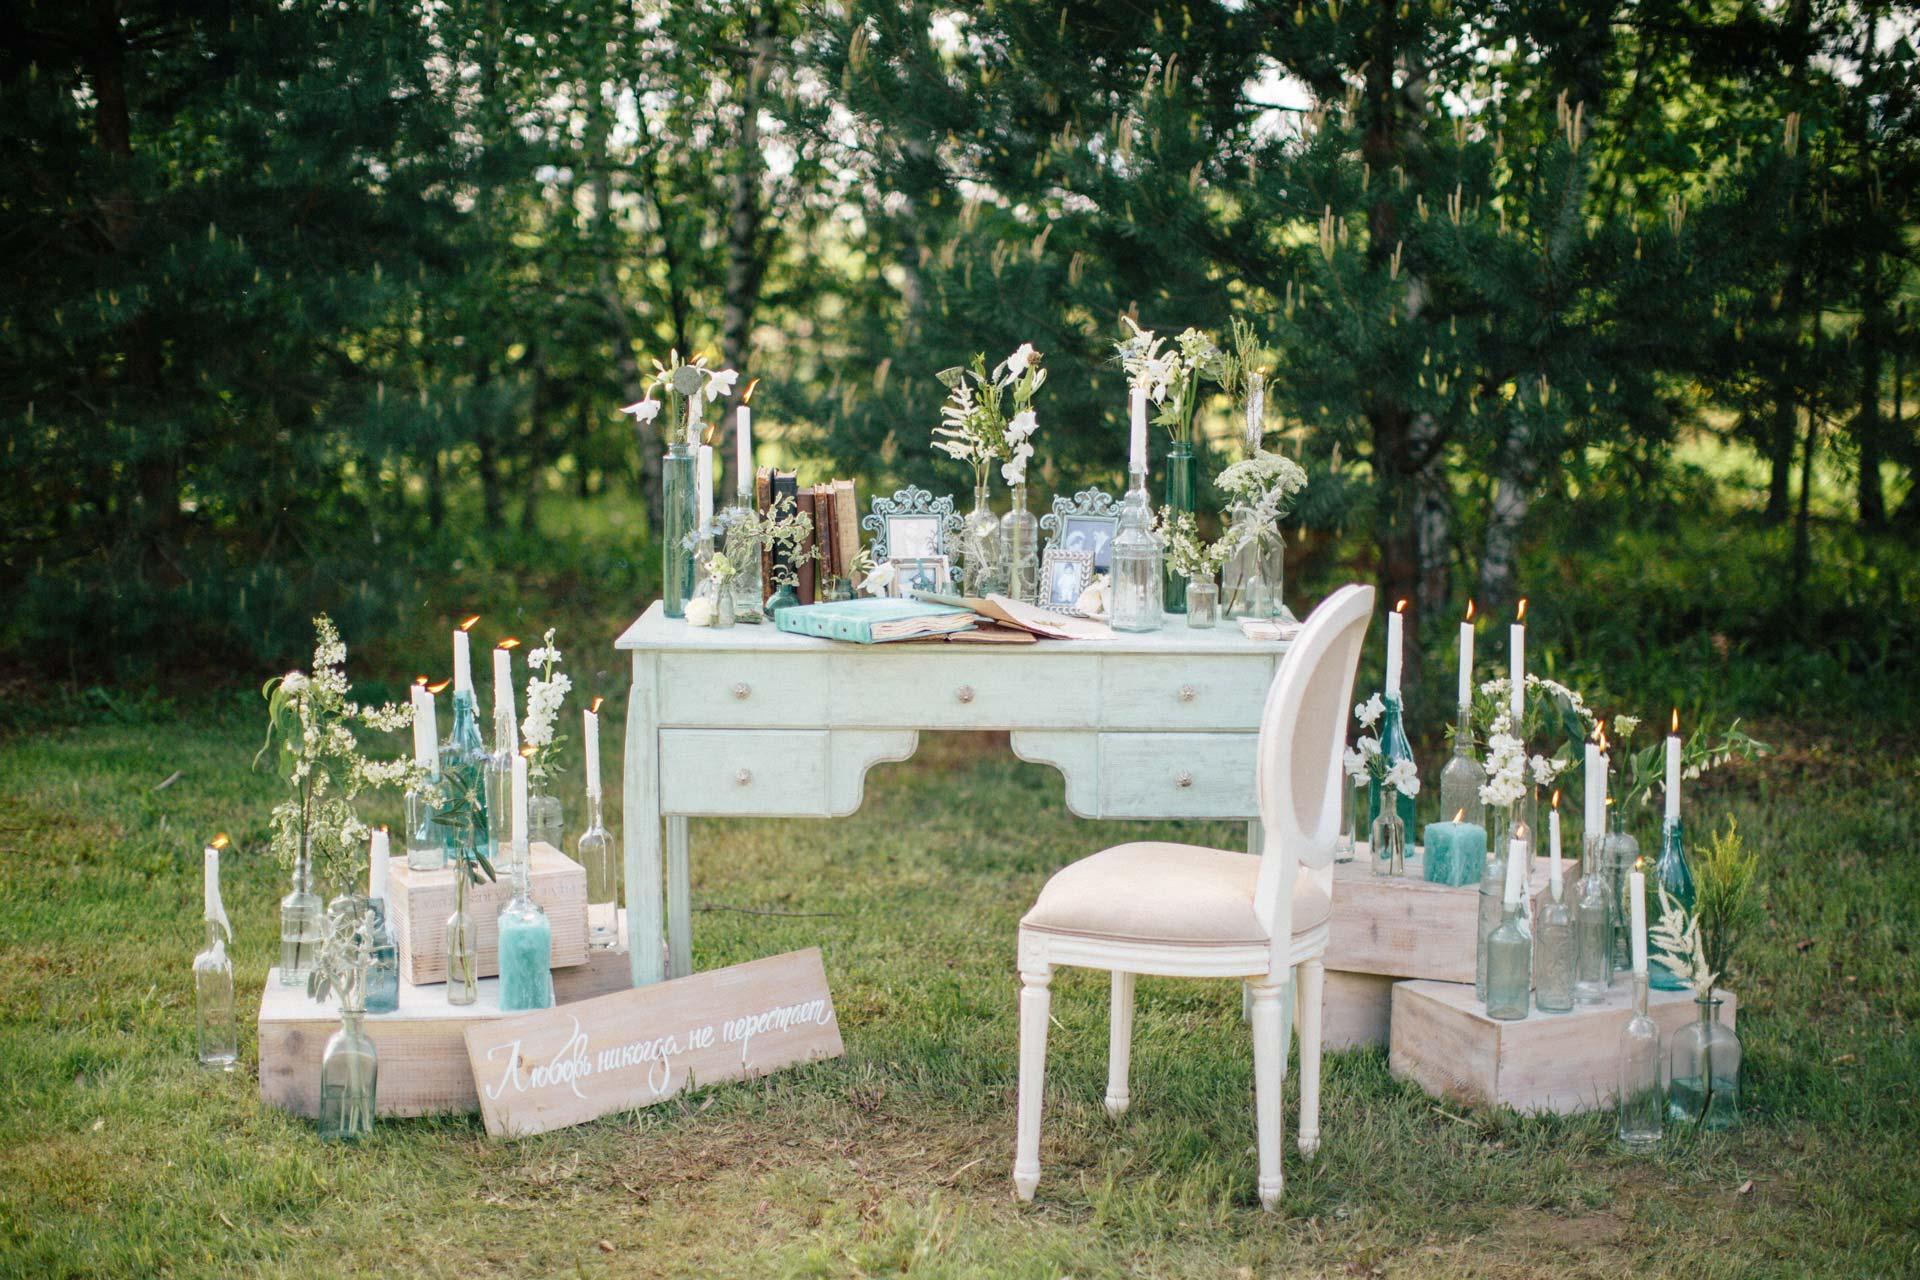 Декоратор Ольга Белецкая: «Свадебные декорации должны отличаться от театральных» фото 5